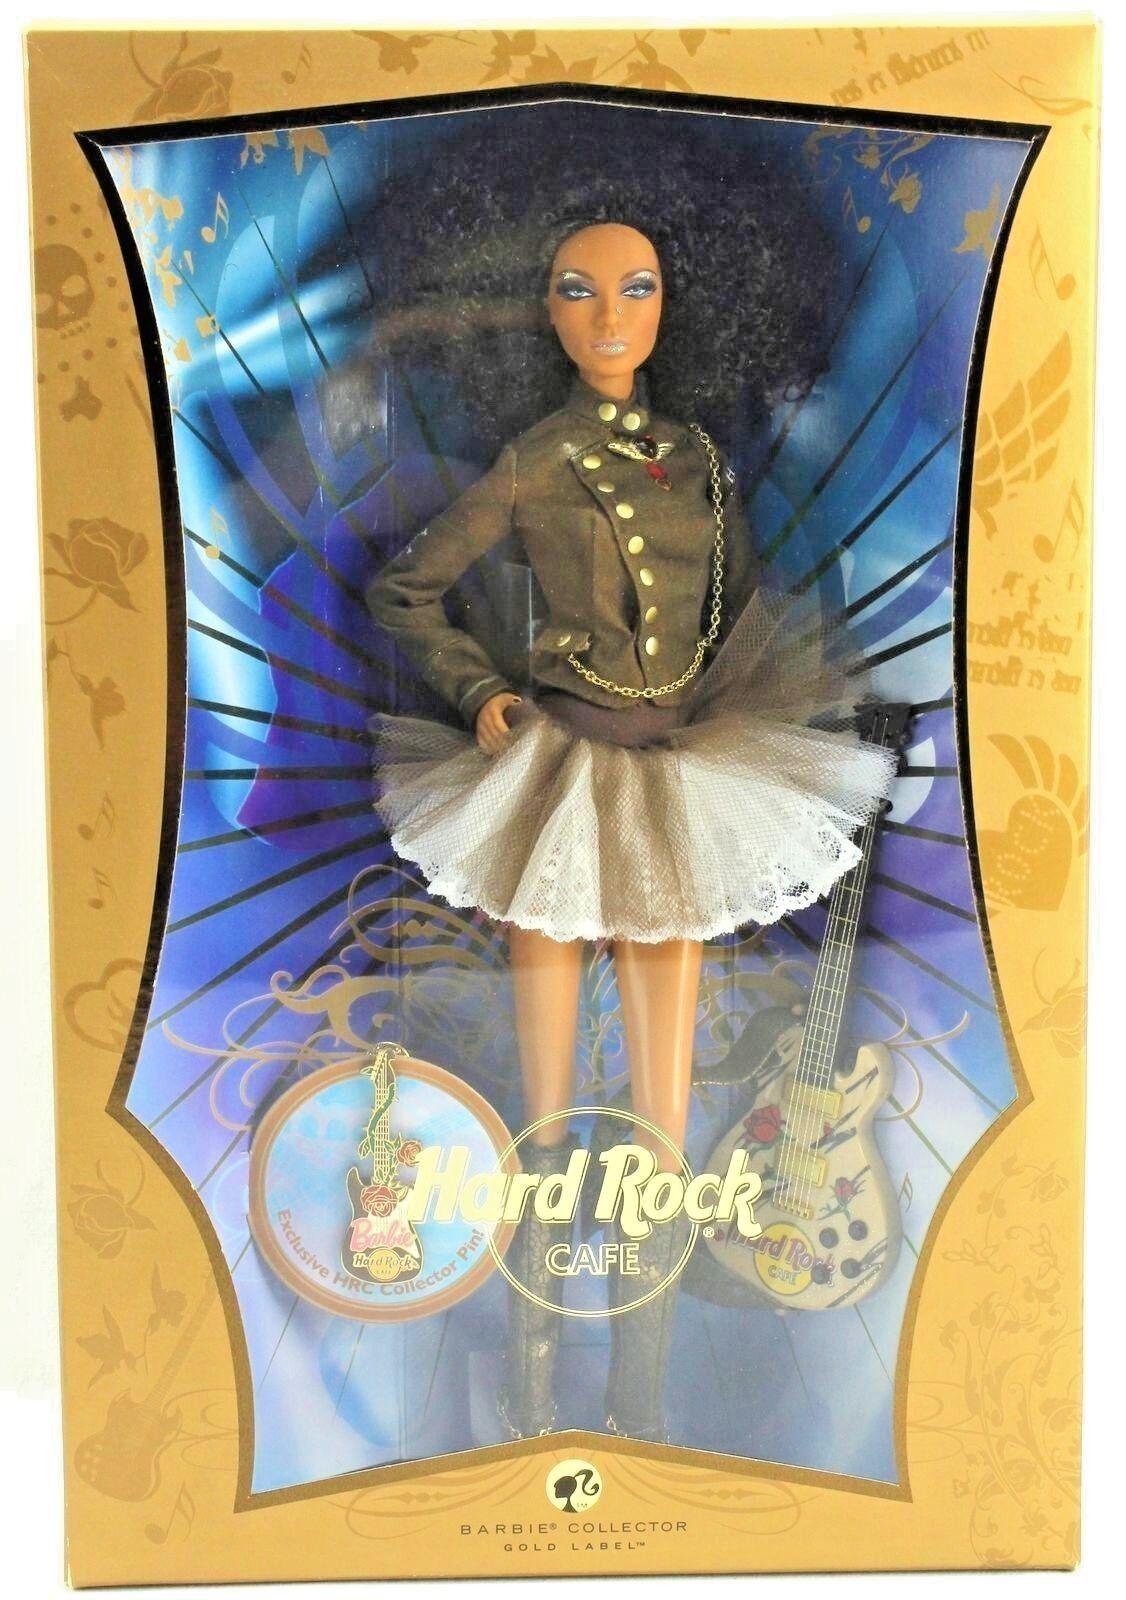 BARBIE HARD ROCK CAFE' 2007 NRFB NRFB NRFB - Gold LABEL model muse doll collection Mattel 4216d5